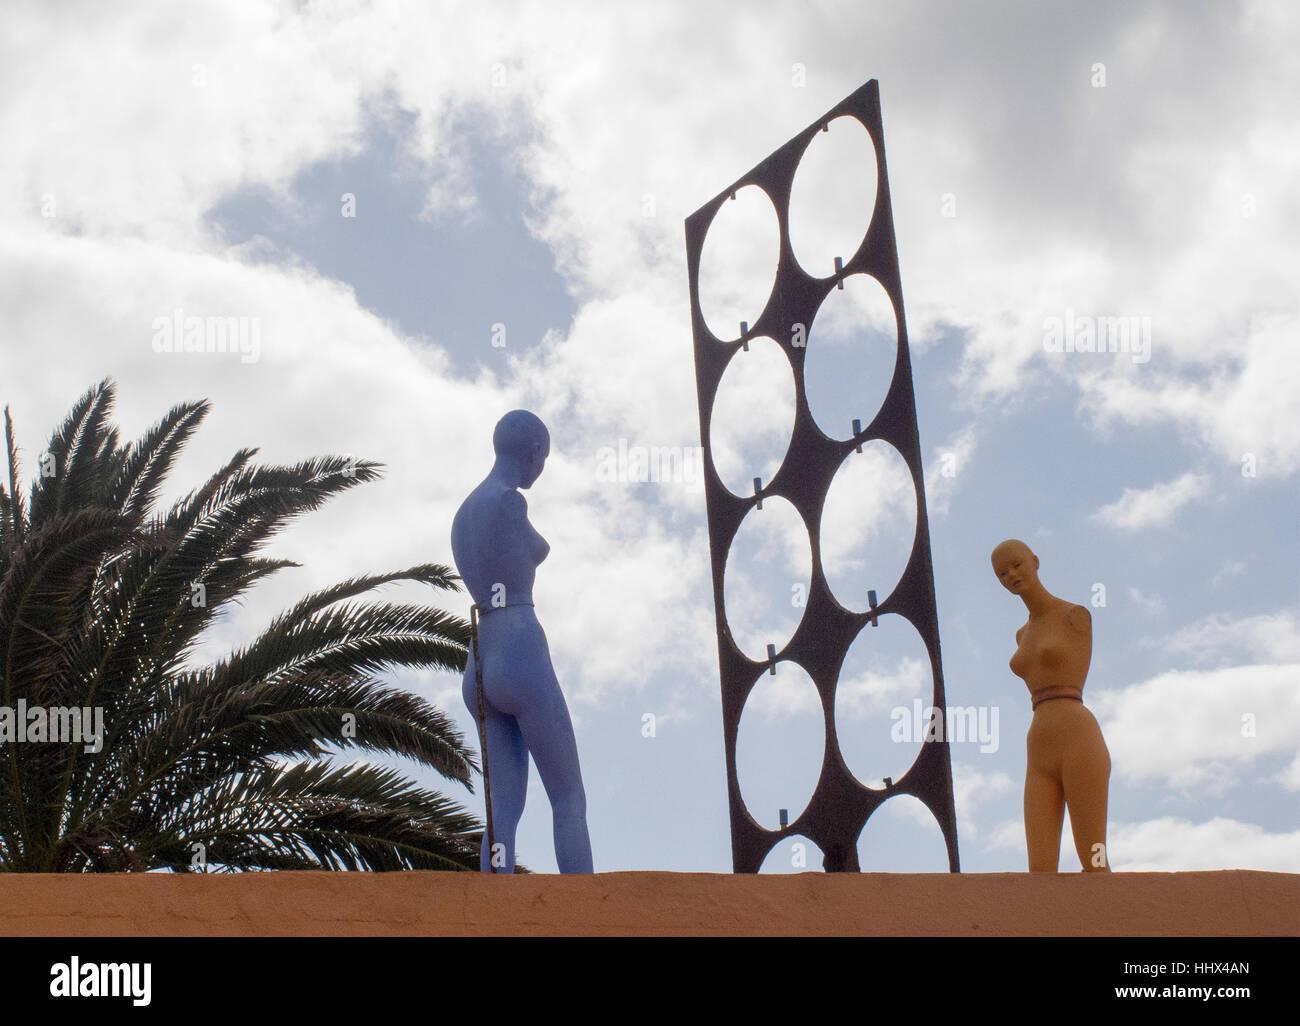 Skurrile Kunst und Bildhauerei an der Villa Tabaiba Corralejo, Fuerteventura. Stockbild